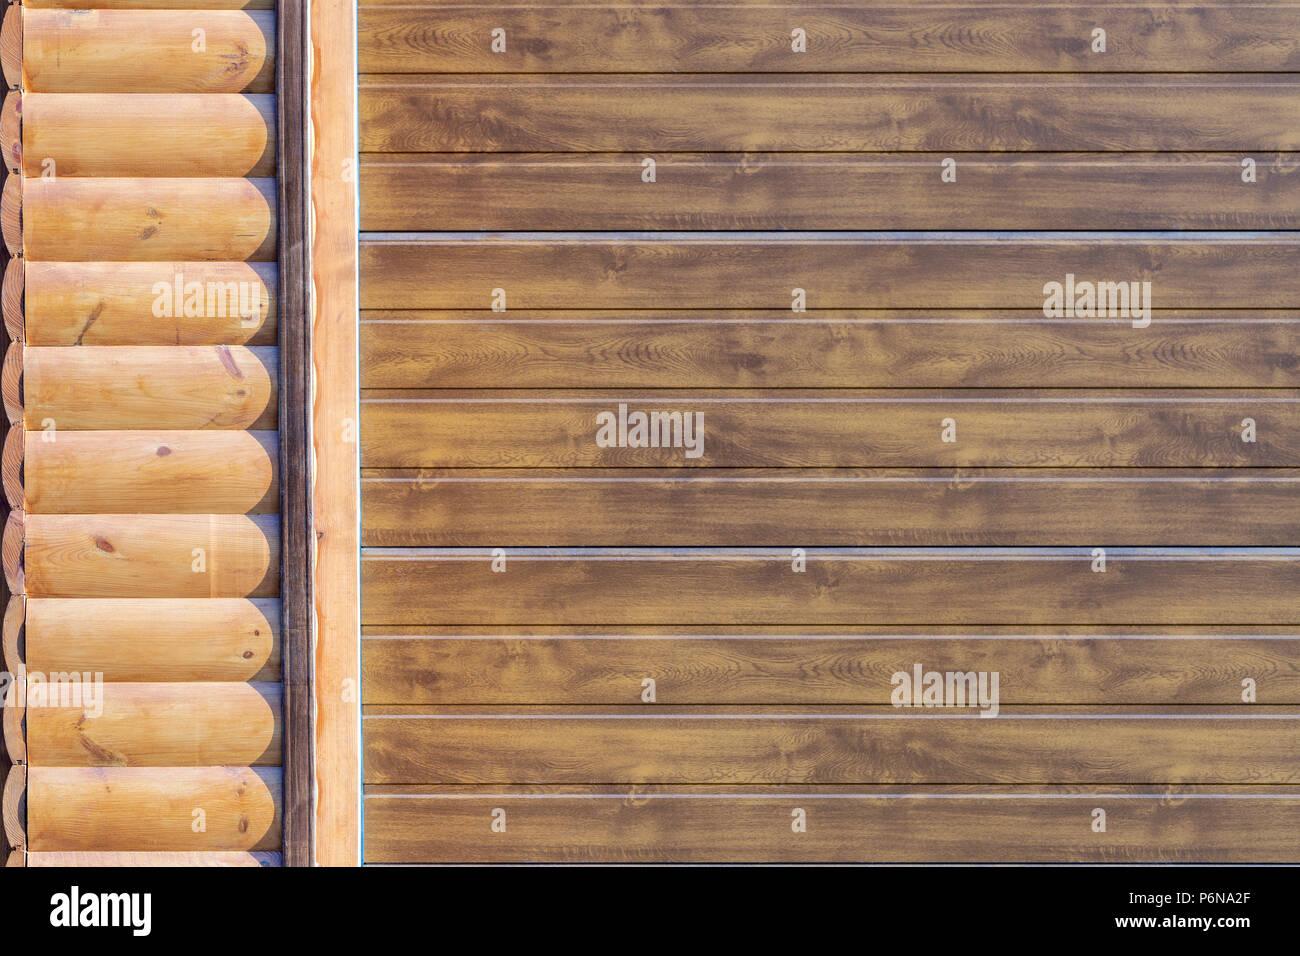 Close-Up Detail Der Wand Mit Holz Abstellgleis Abgedeckt. Teil Des